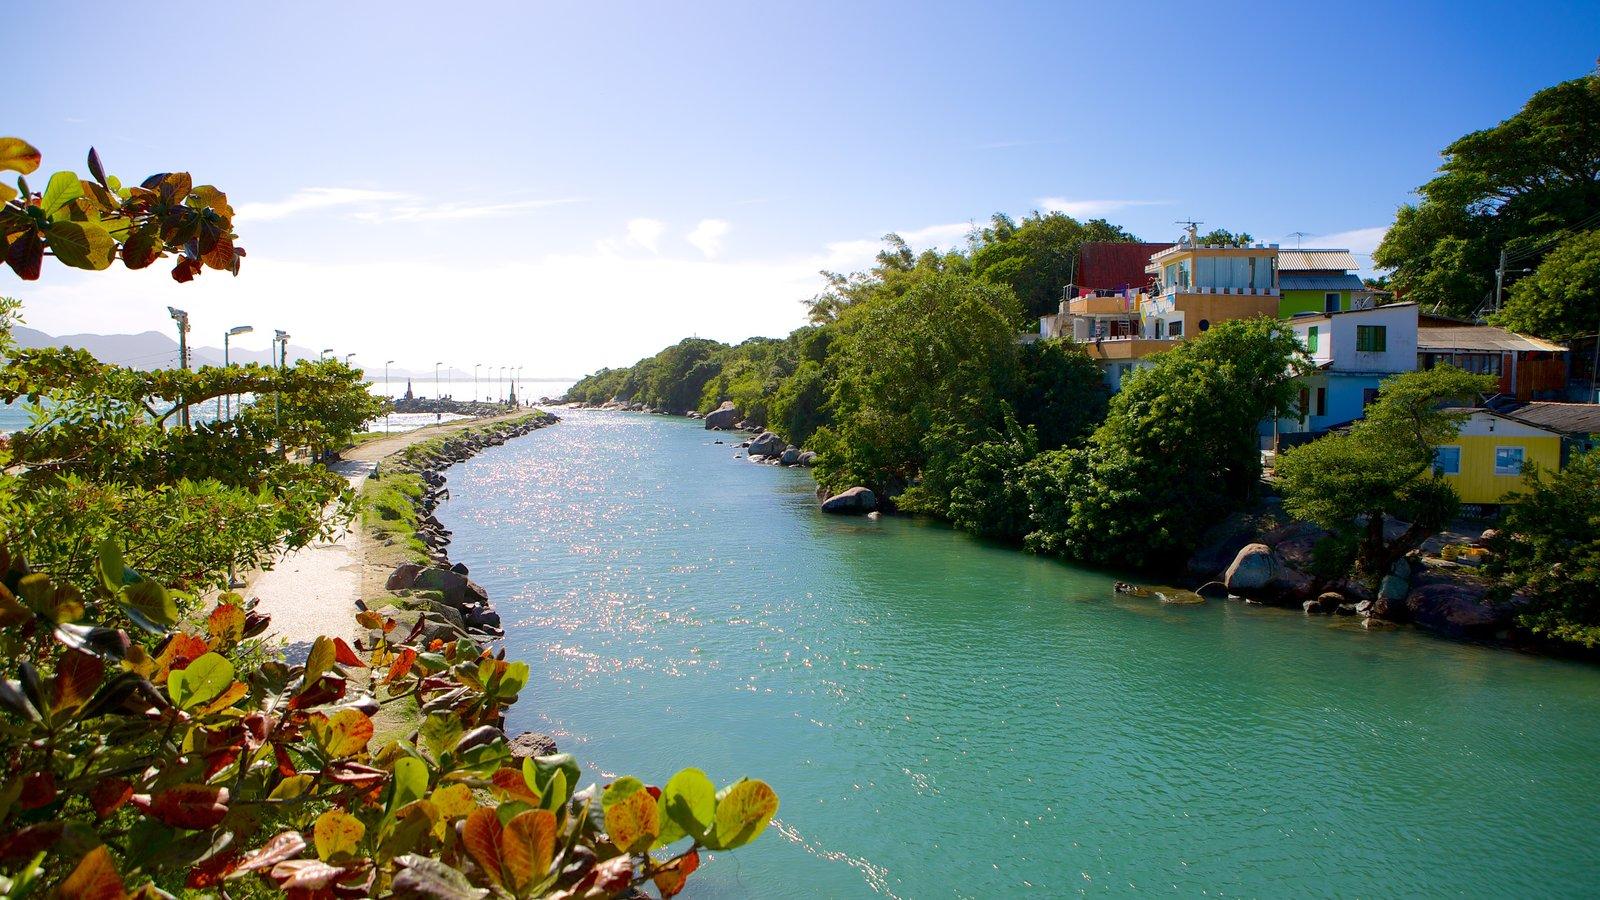 Praia da Barra da Lagoa caracterizando um rio ou córrego e paisagem